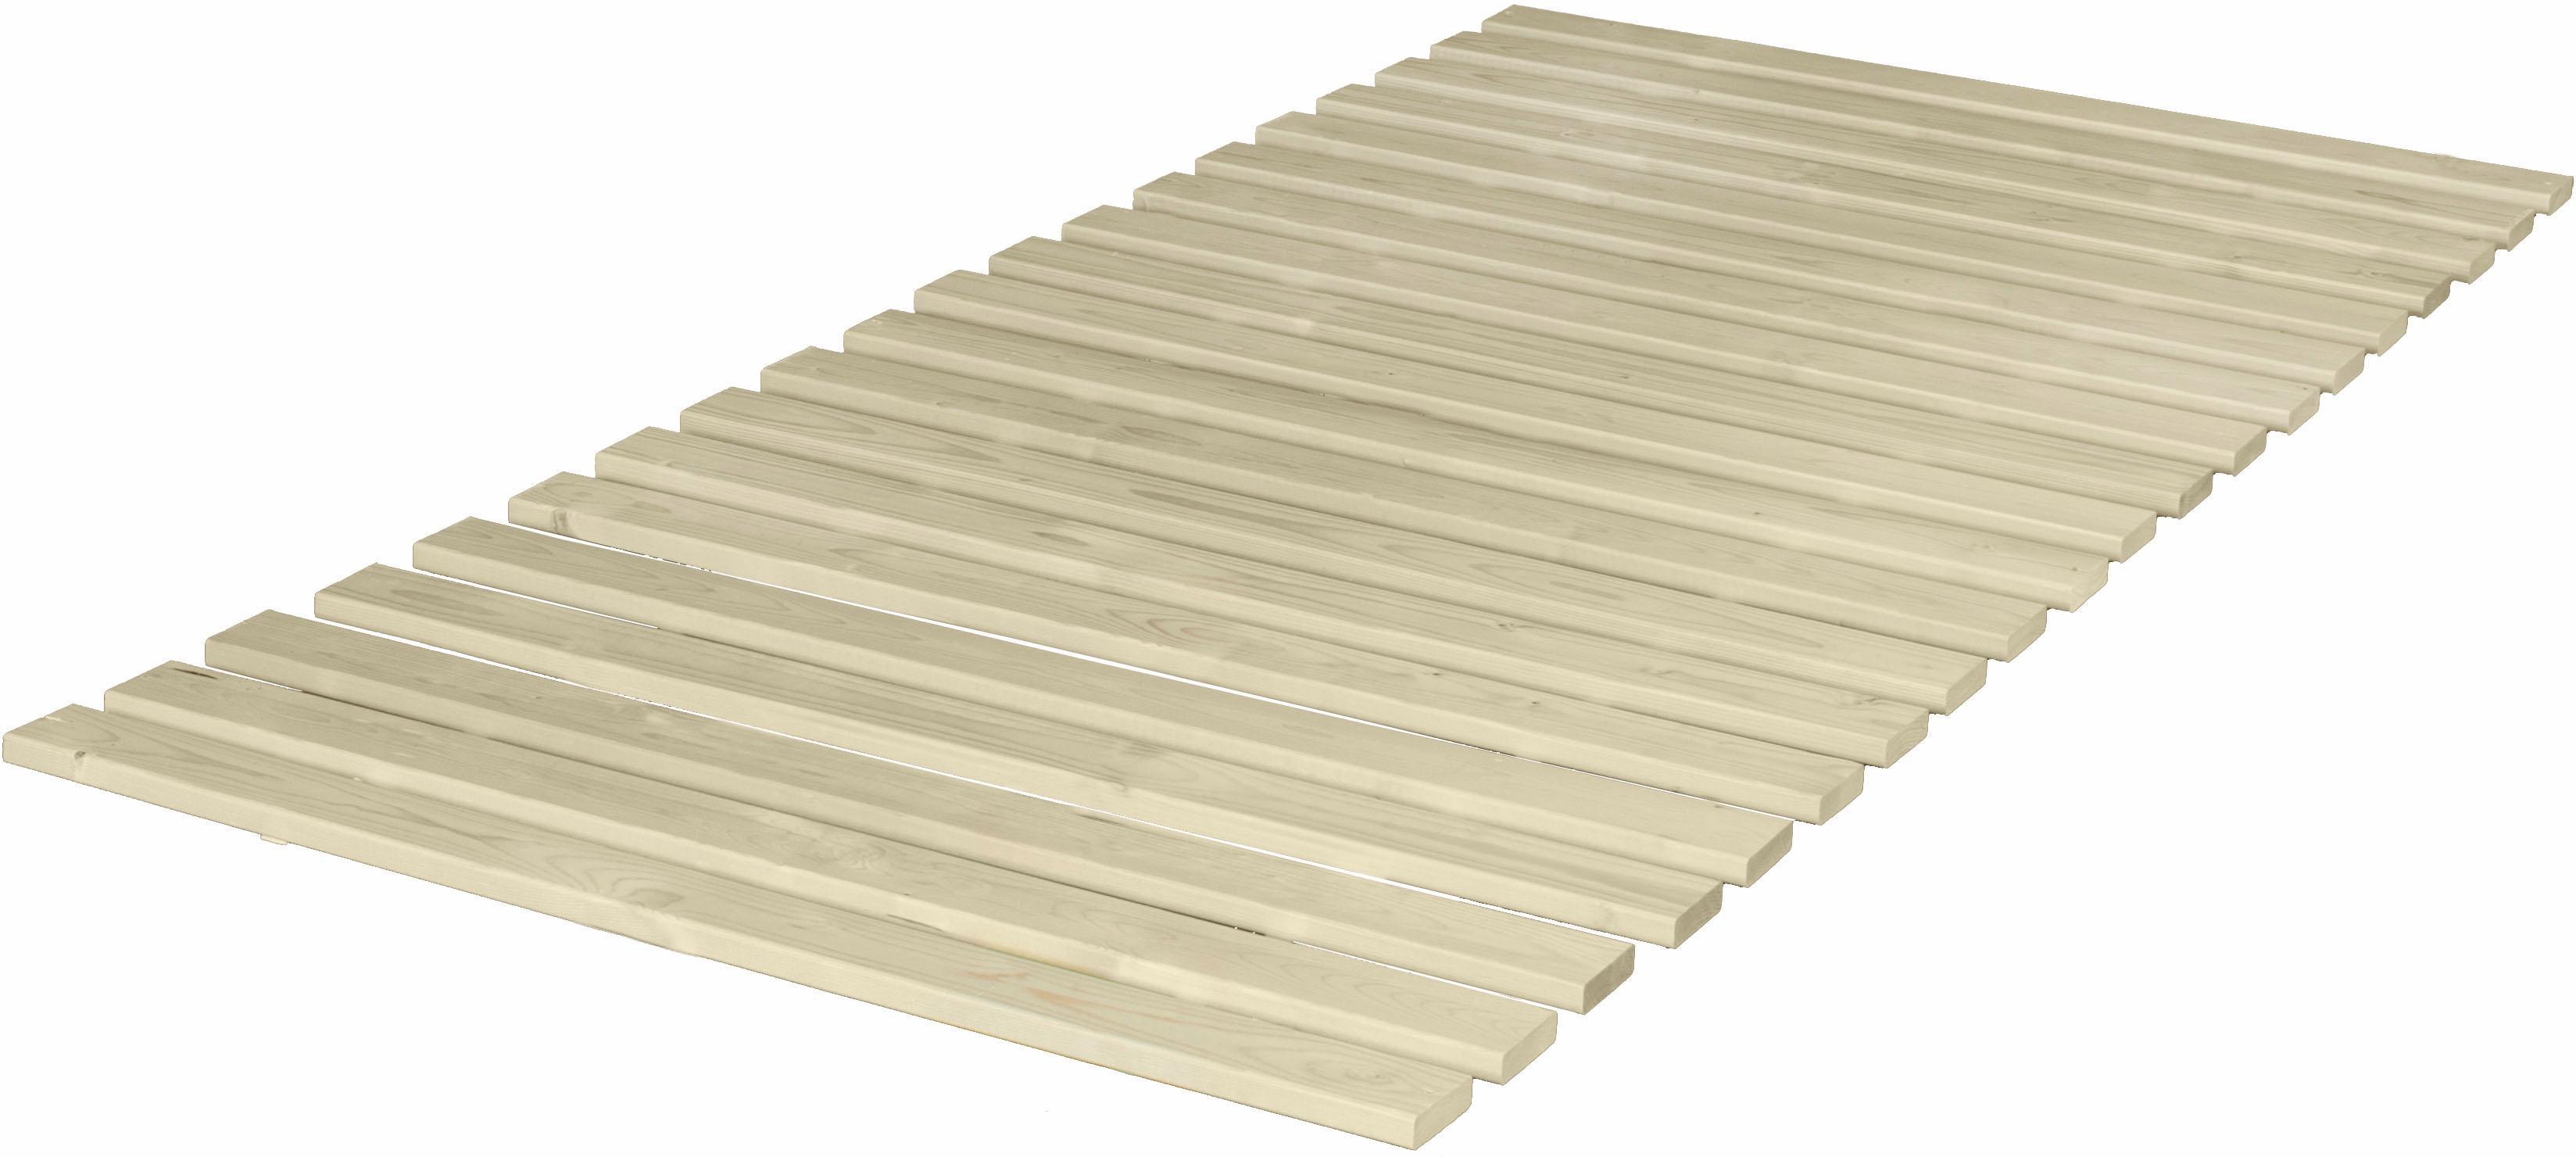 Rollrost, »Fichte«, Breckle, 20 Leisten, Kopfteil nicht verstellbar, (1-tlg.) | Schlafzimmer > Lattenroste > Rollroste | Mehrfarbig | BRECKLE